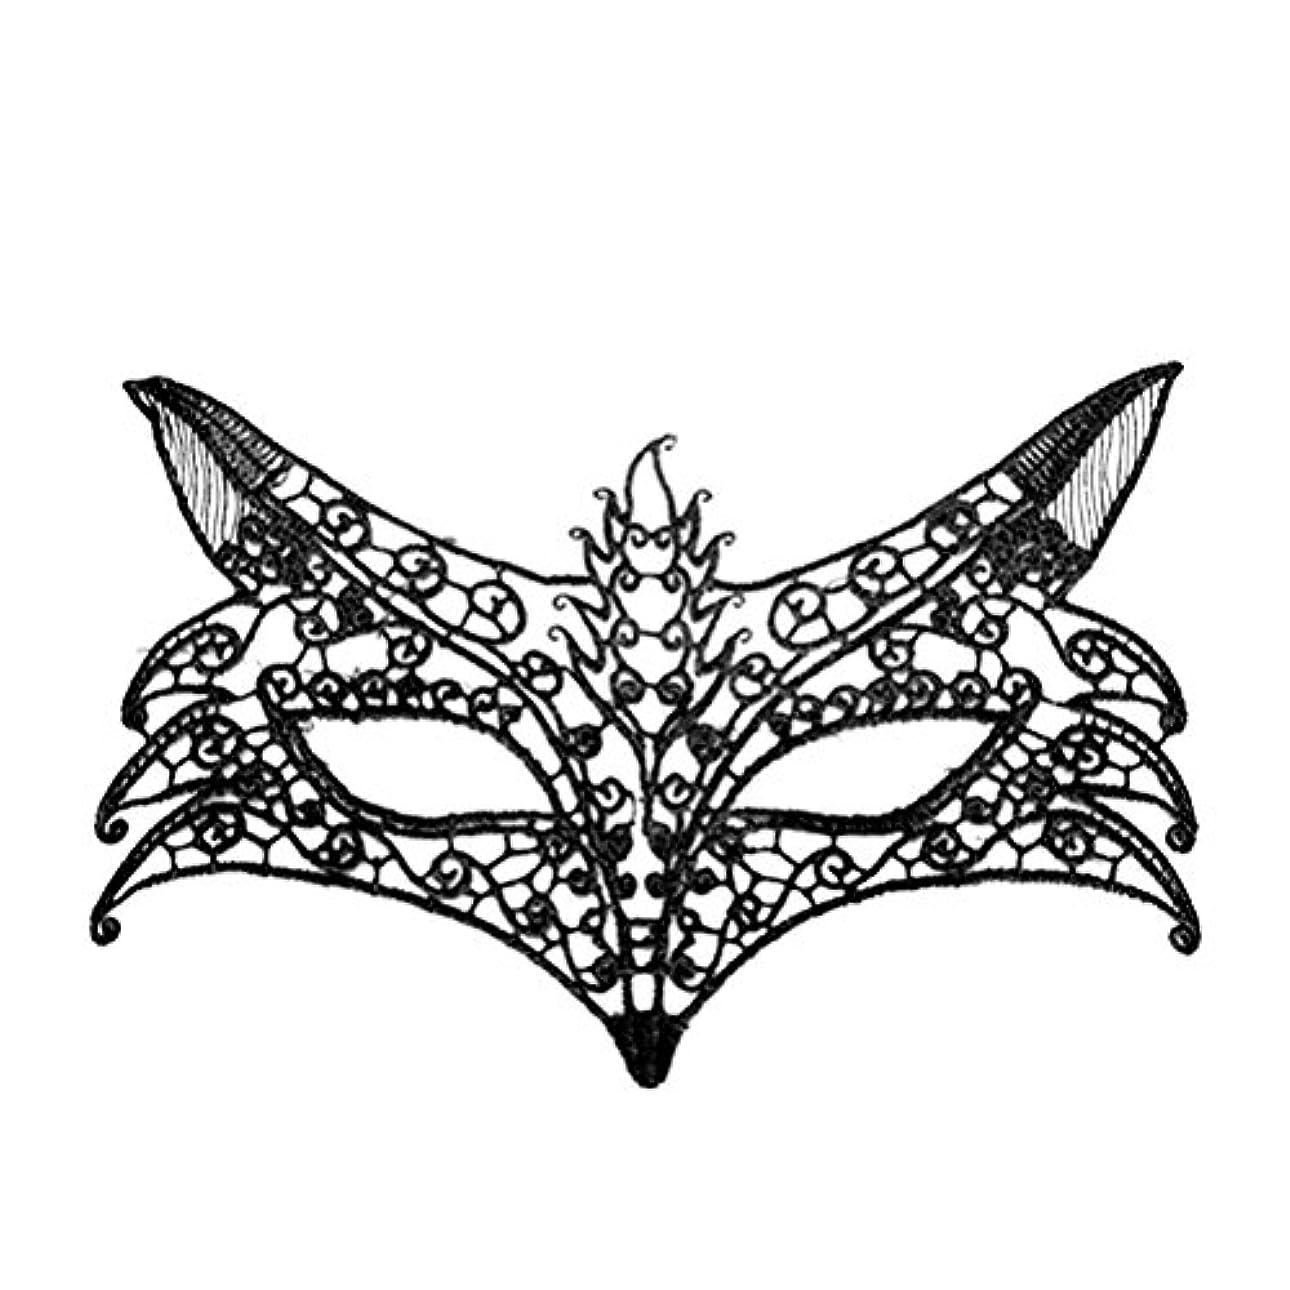 仲人殺人スポーツAMOSFUN キツネの形をしたレースパーティーマスクイブニングパーティーウエディングマスカレードマスク(ブラック)